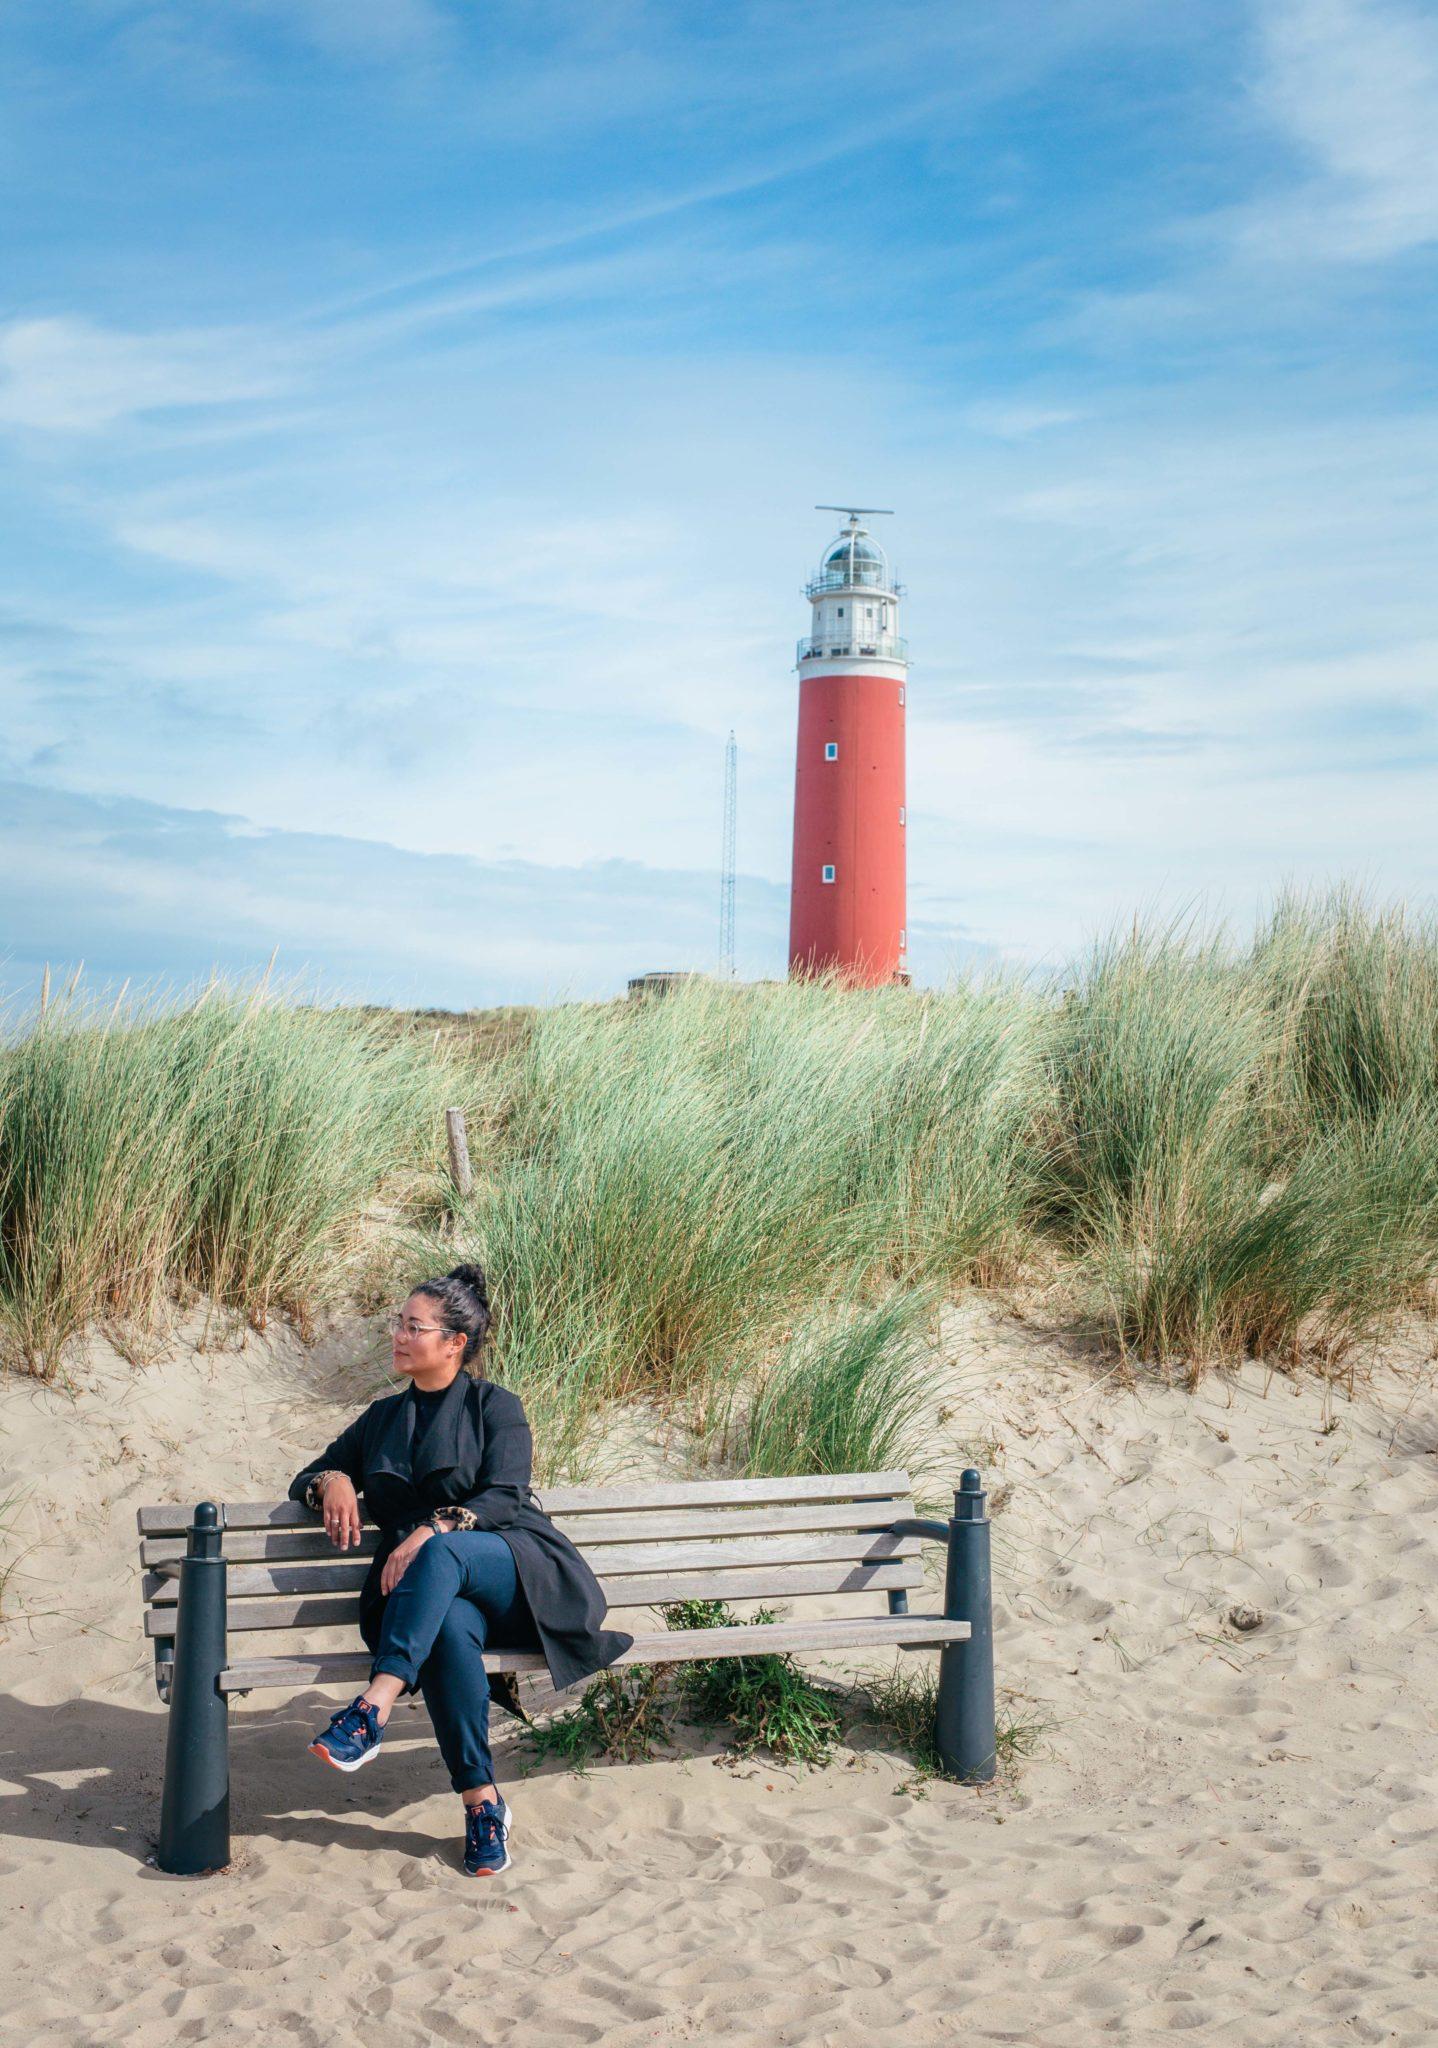 hotspots texel culinessa 1 2 - Genieten: Mini vakantie Texel + hotspots